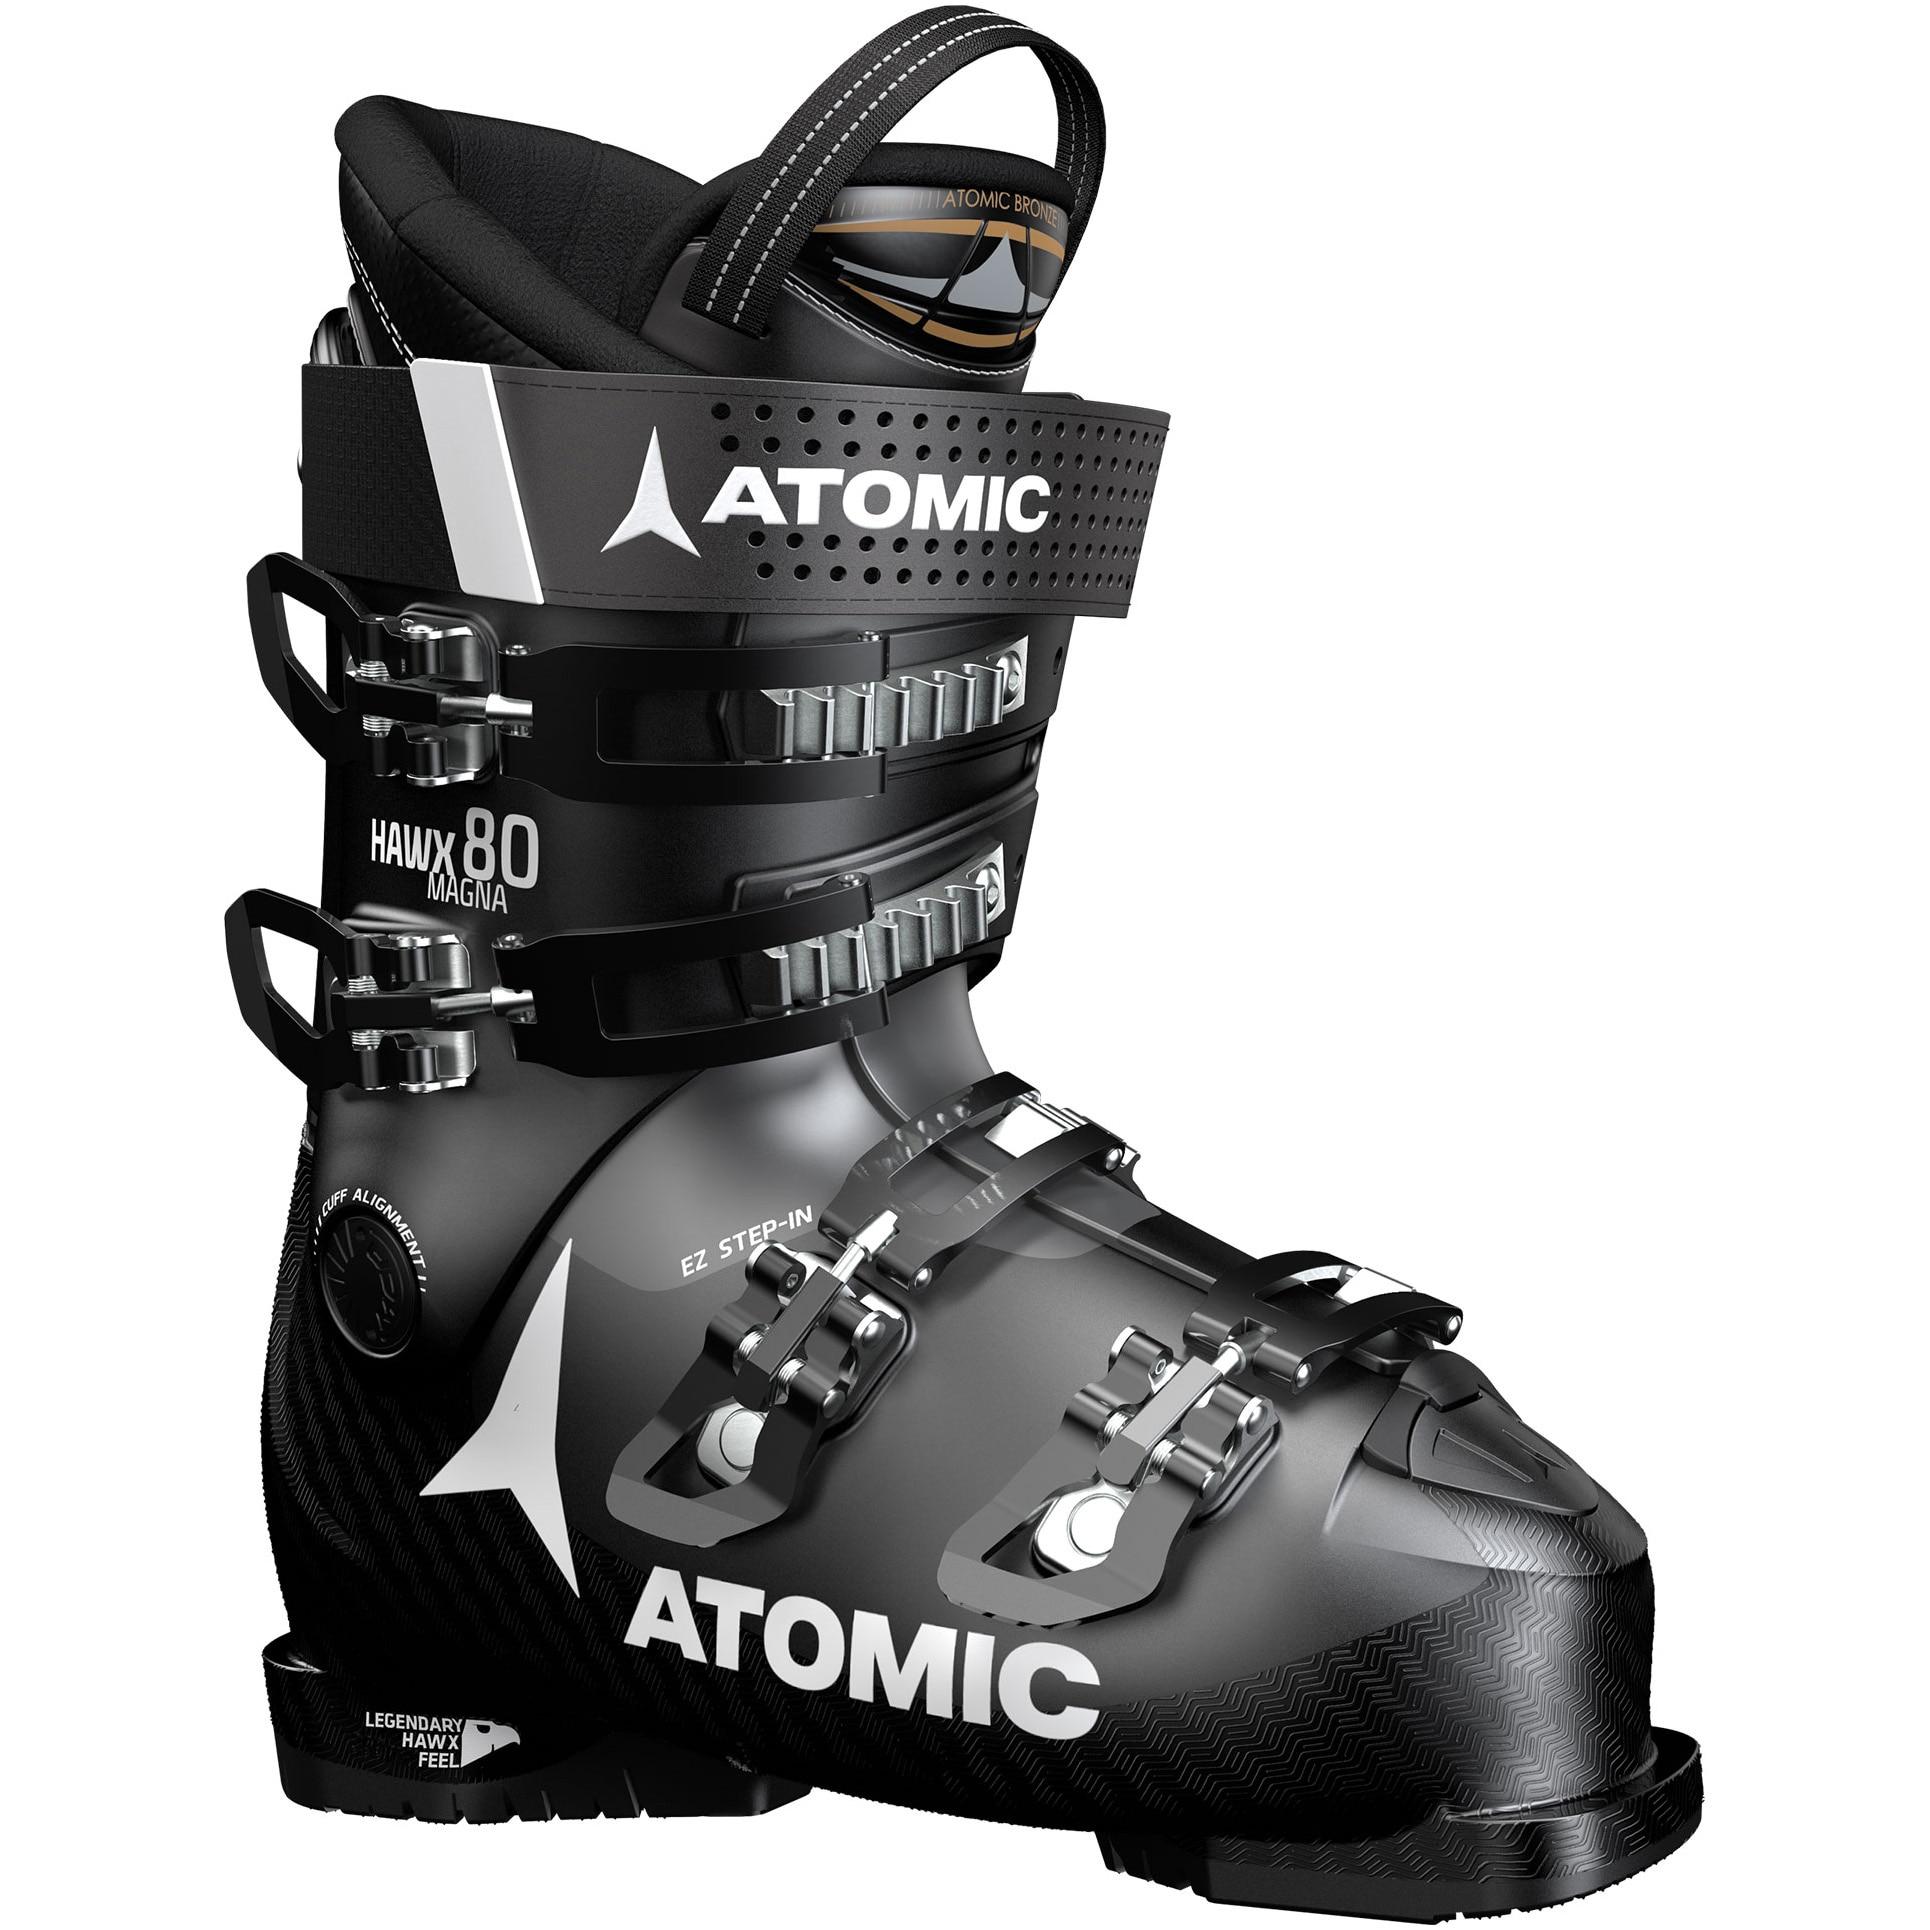 Fotografie Clapari Atomic Hawx Magna 80 Unisex, Black/Anthracite, Negru/Gri, 28, 28.5